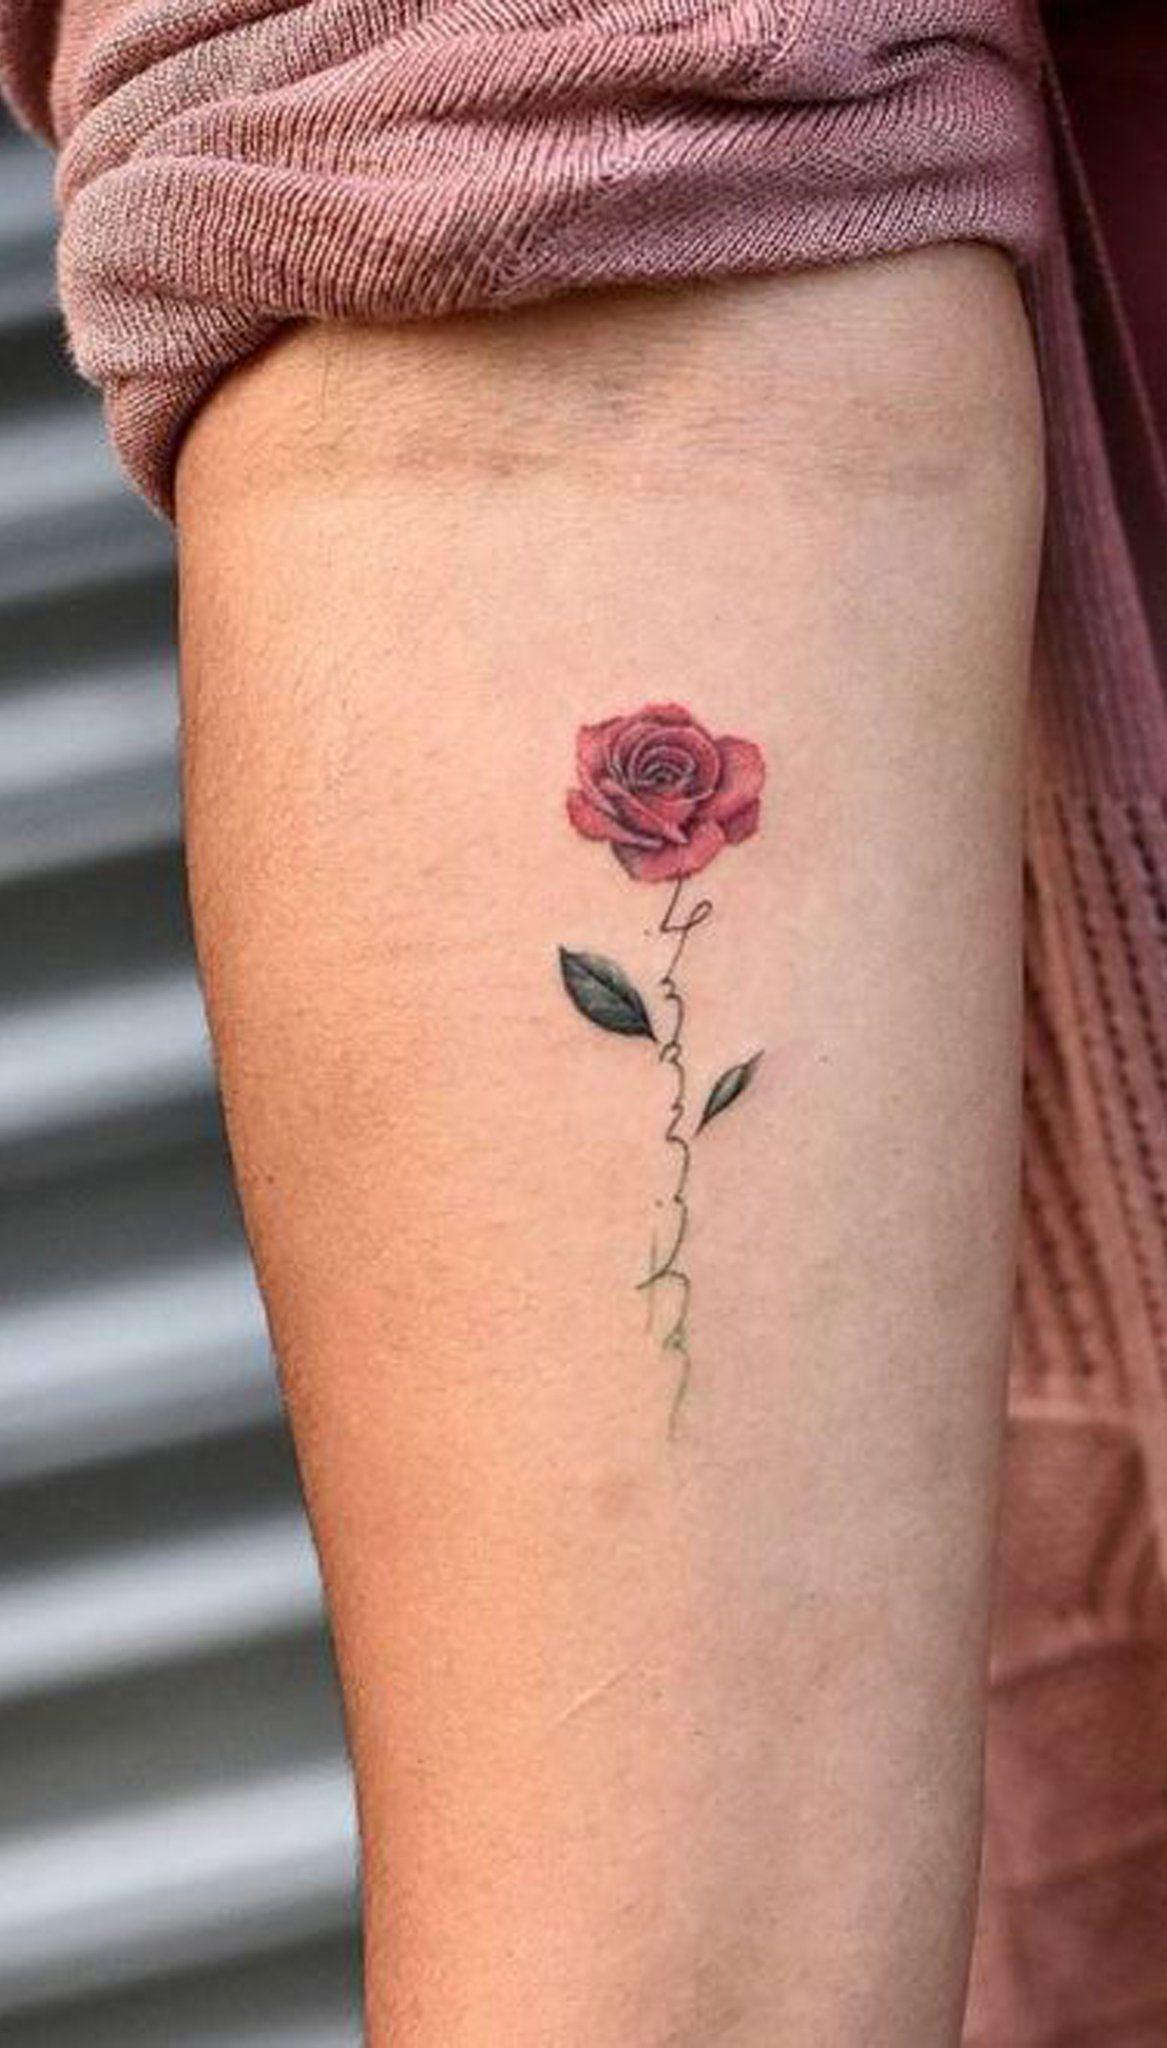 Small Watercolor Delicate Rose Tattoo Ideas For Women Single Flower Forearm Tat Www Mybodi Delicate Flower Tattoo Small Rose Tattoo Tattoos For Women Small